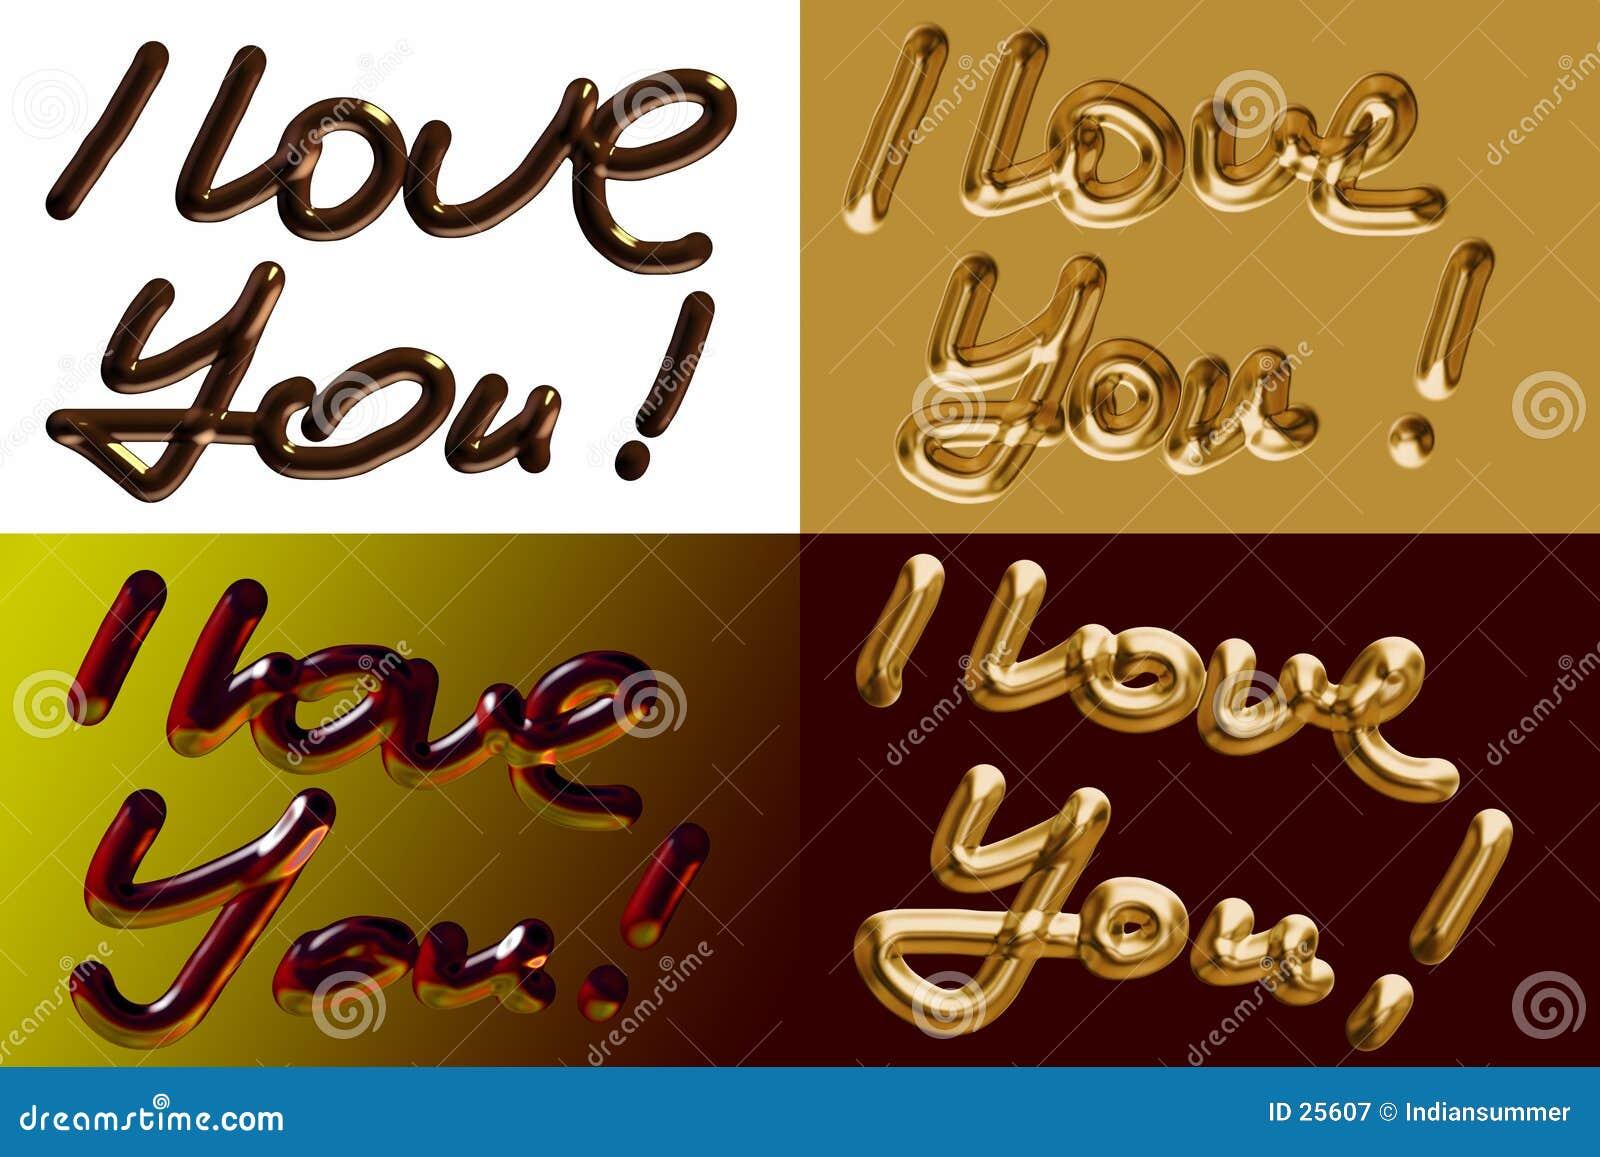 Ik houd van u!